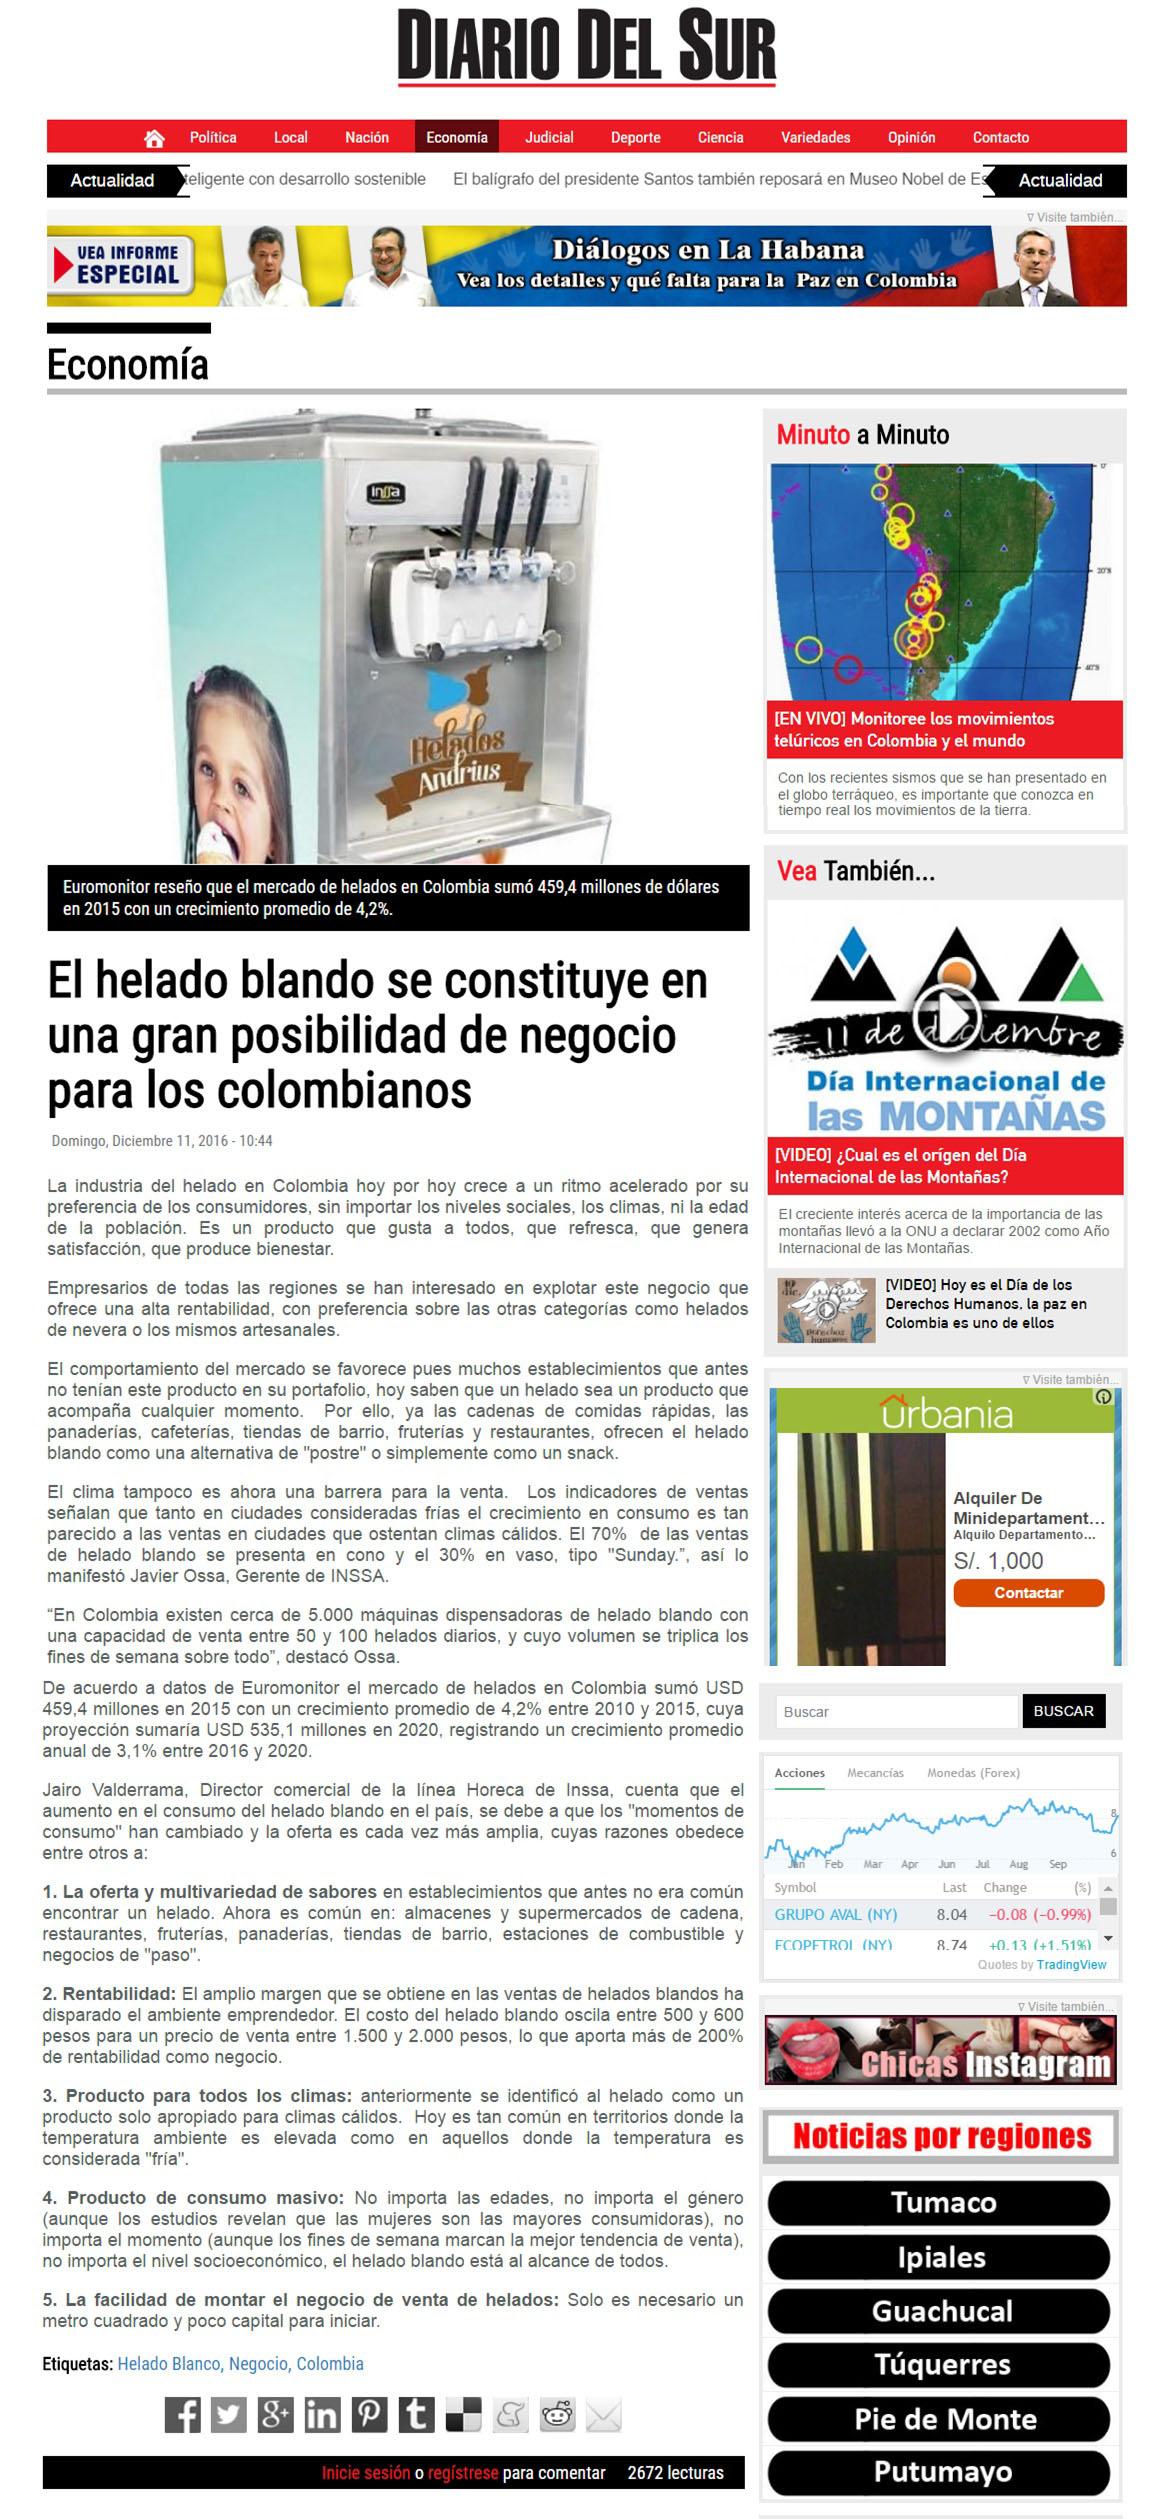 Diario del Sur 11 de Diciembre de 2016 [web]